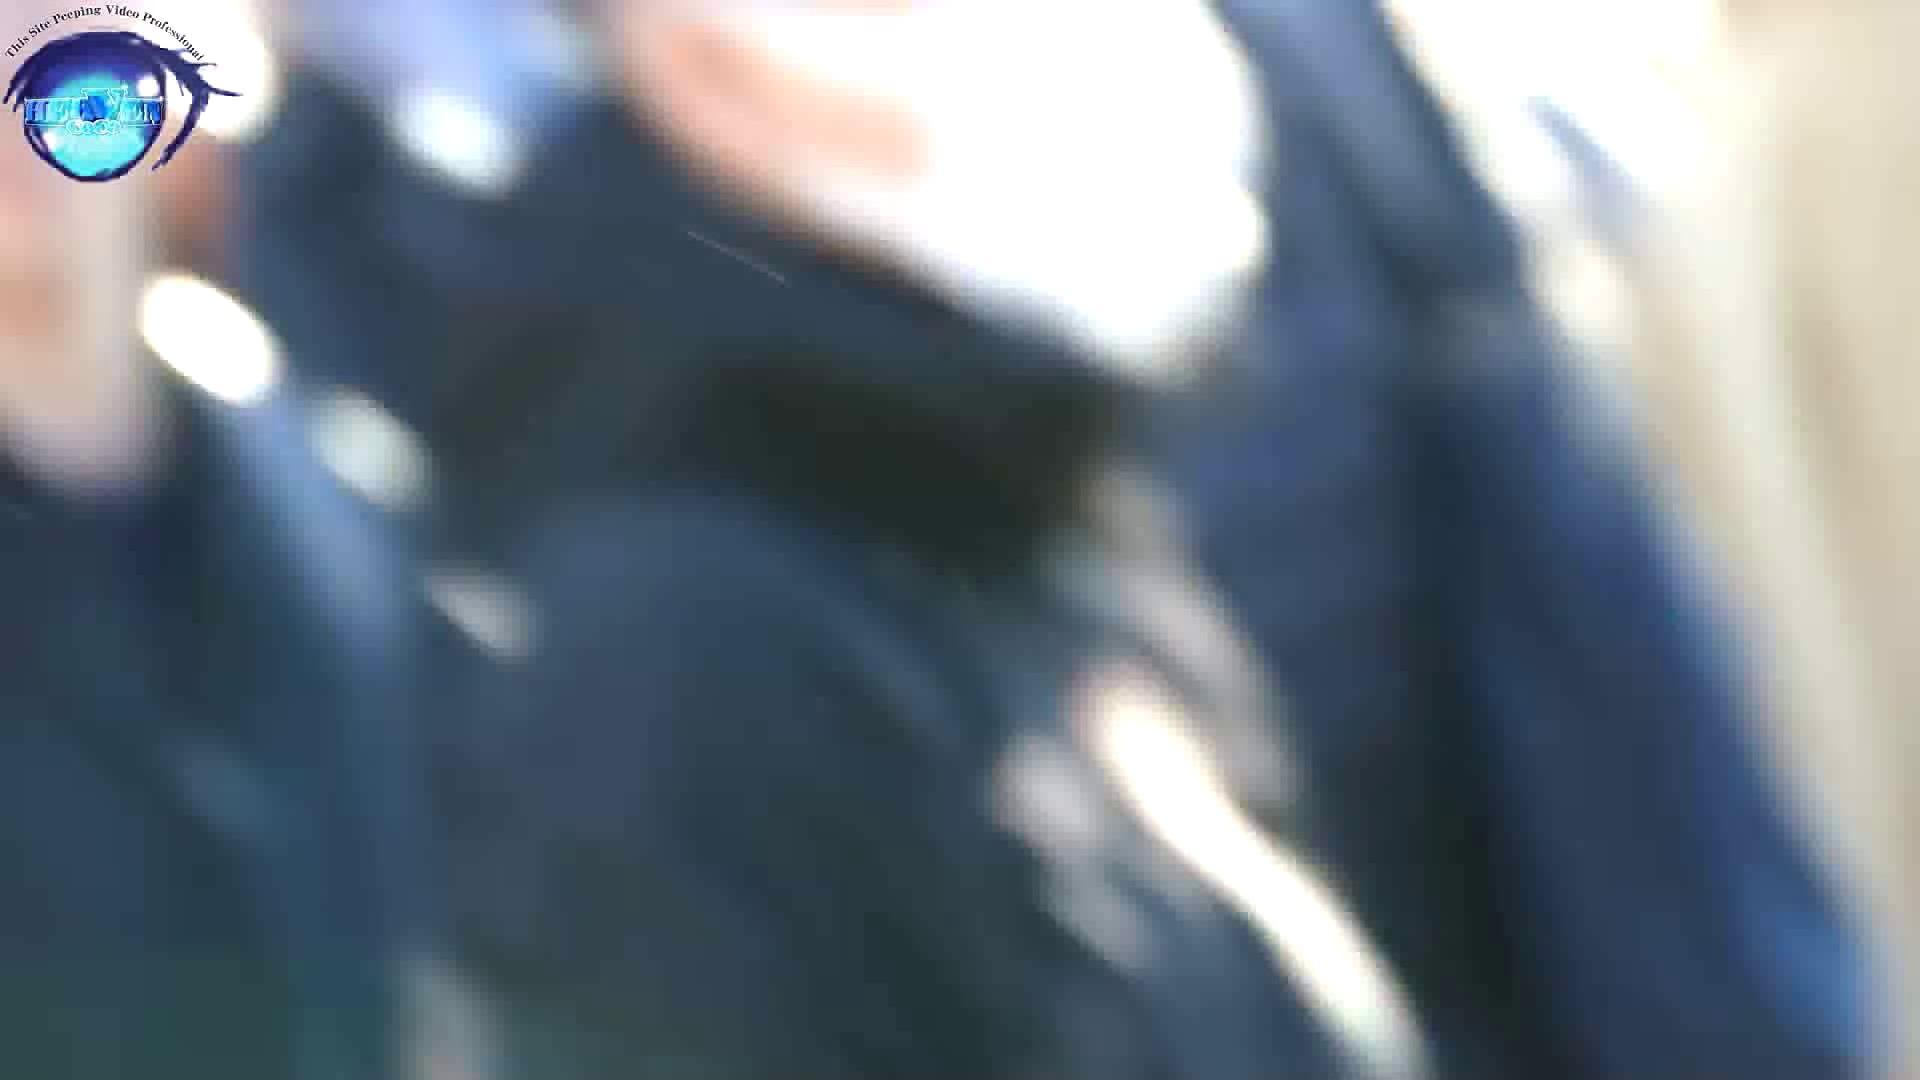 コスプレイヤー盗撮Vol.02 OLエロ画像 | 盗撮  90PICs 13